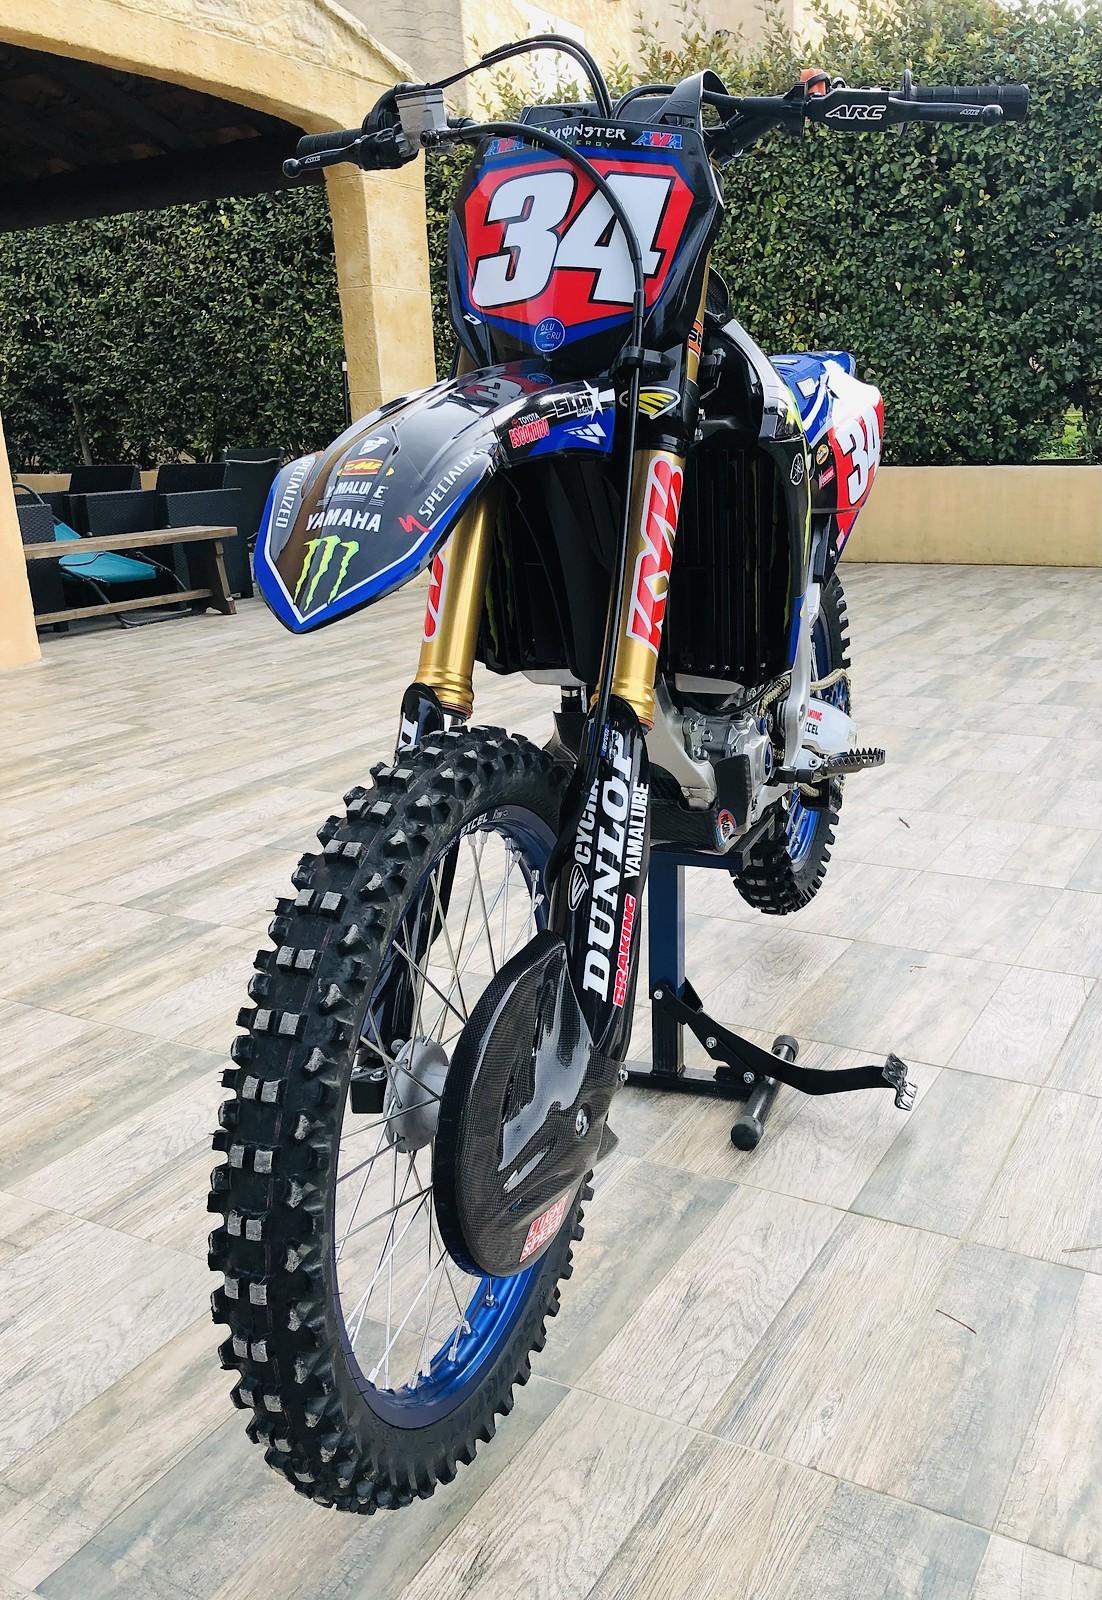 21 Yamaha 250 YZF - Star Racing